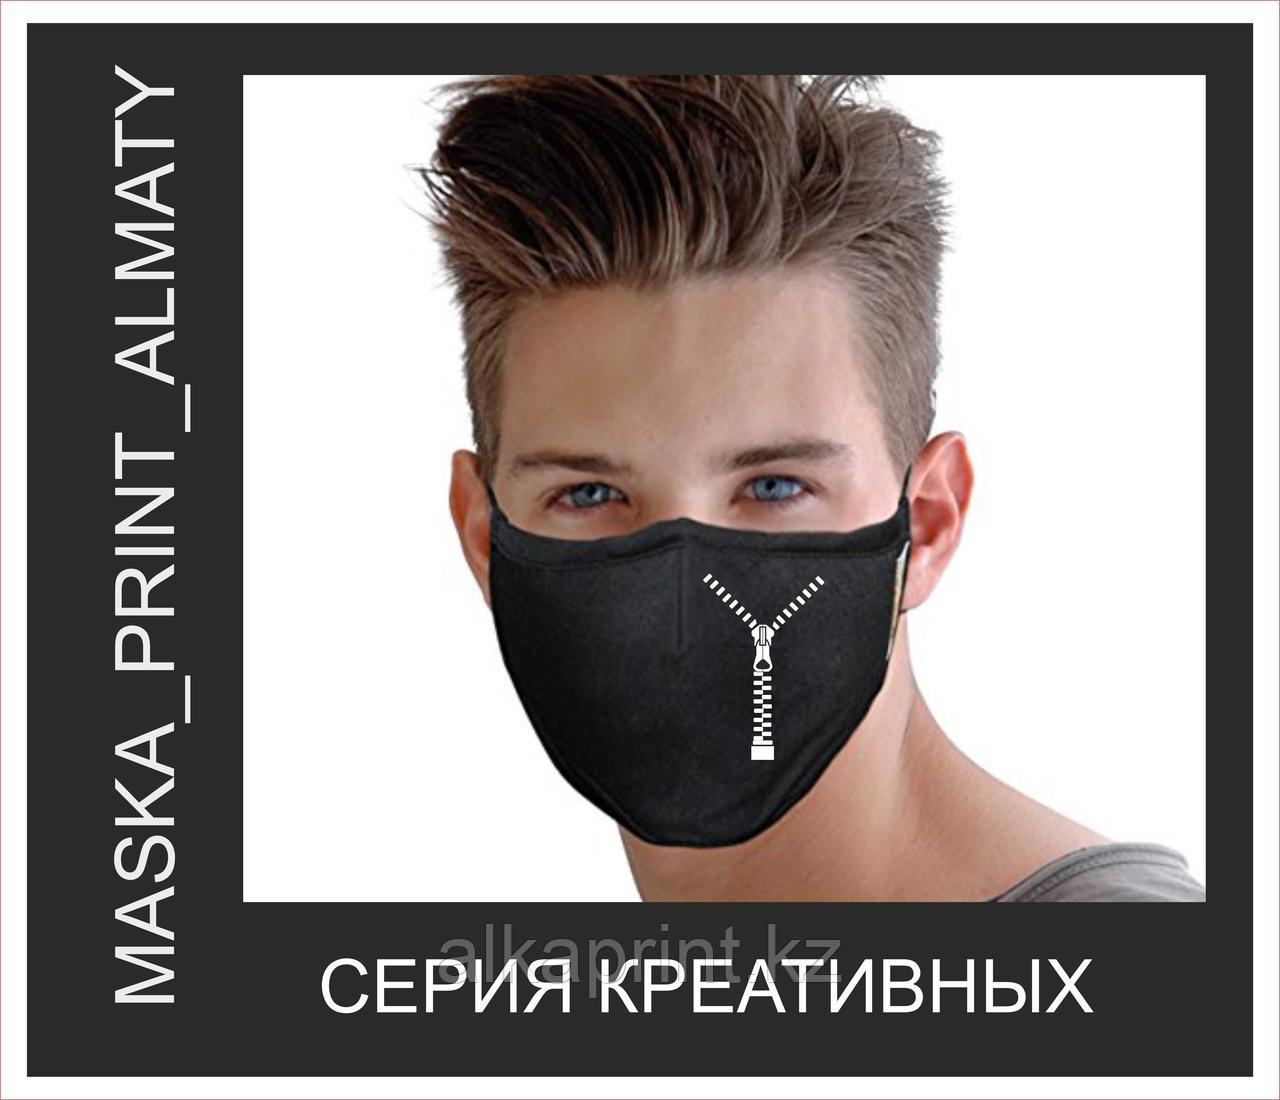 Маски многоразовые со стильными принтами мужские - фото 7